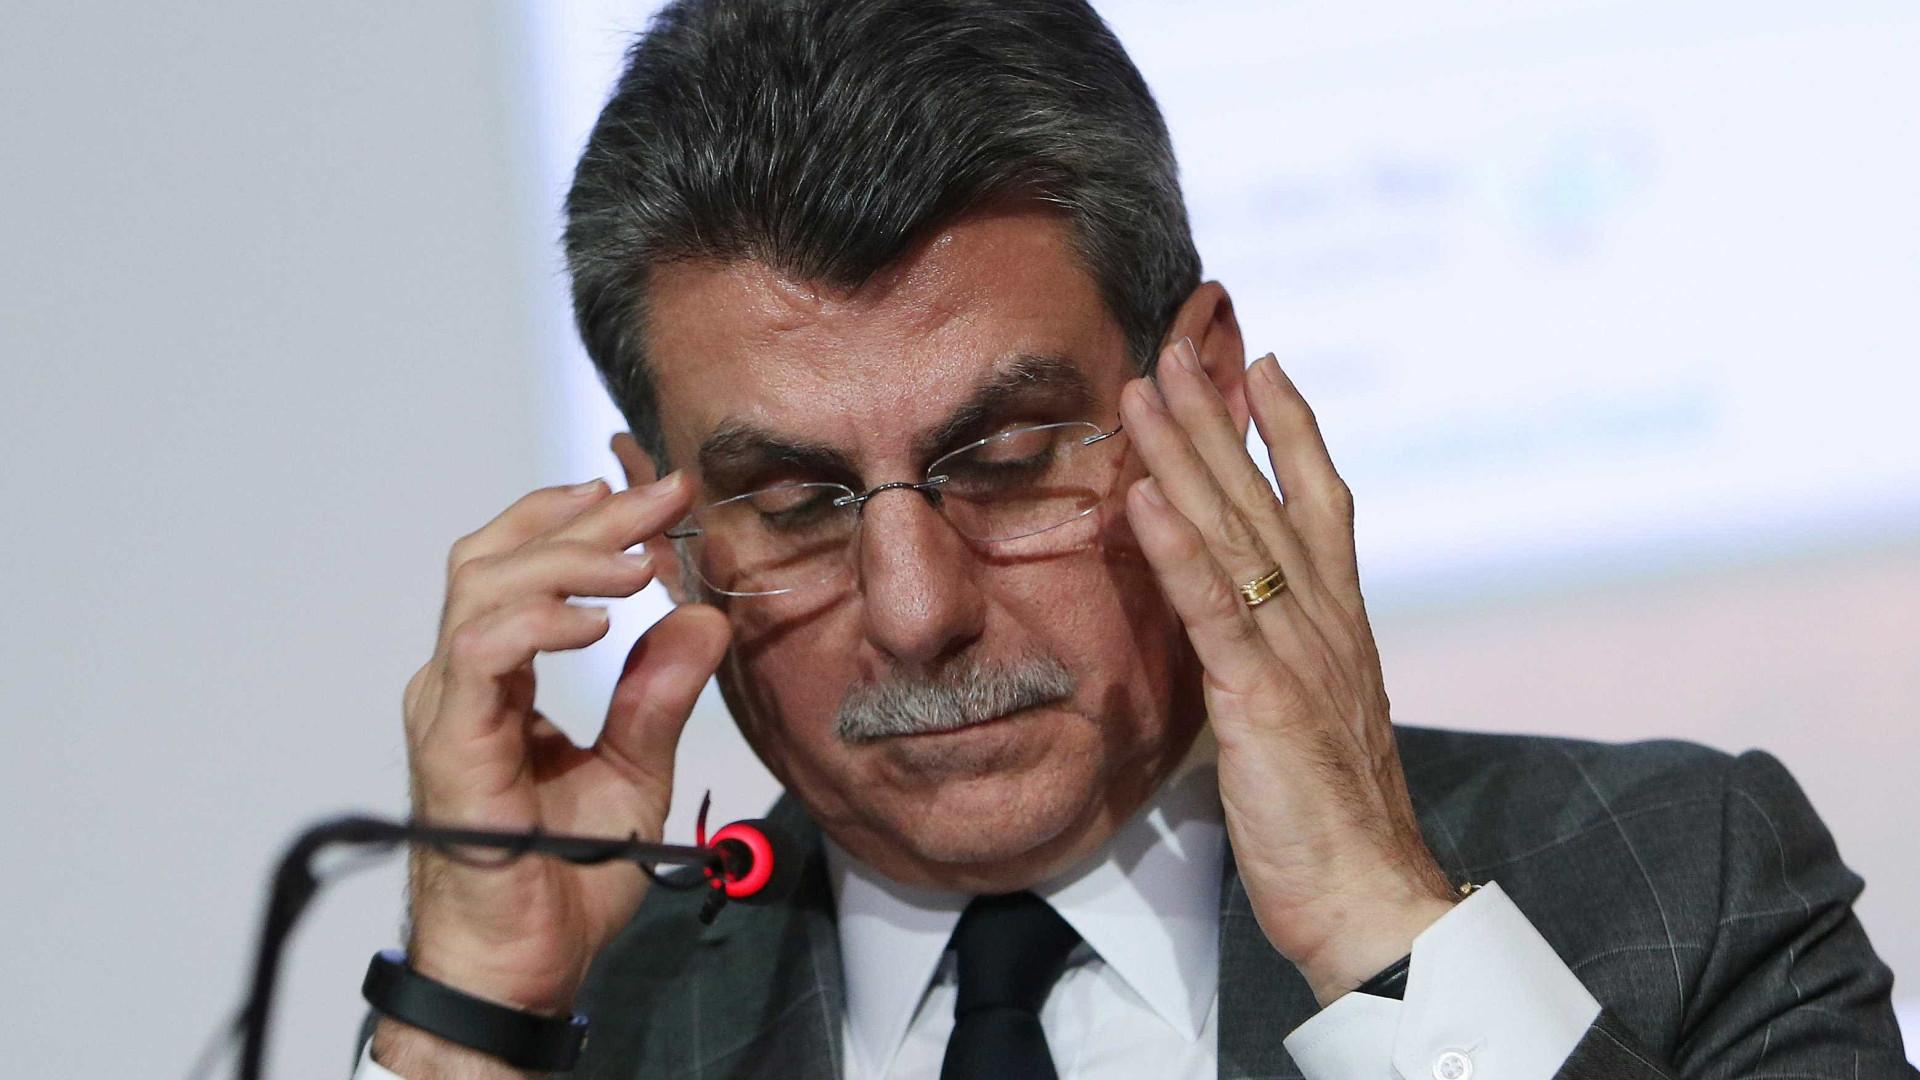 Procuradoria abre investigação sobre controle de TV por Romero Jucá